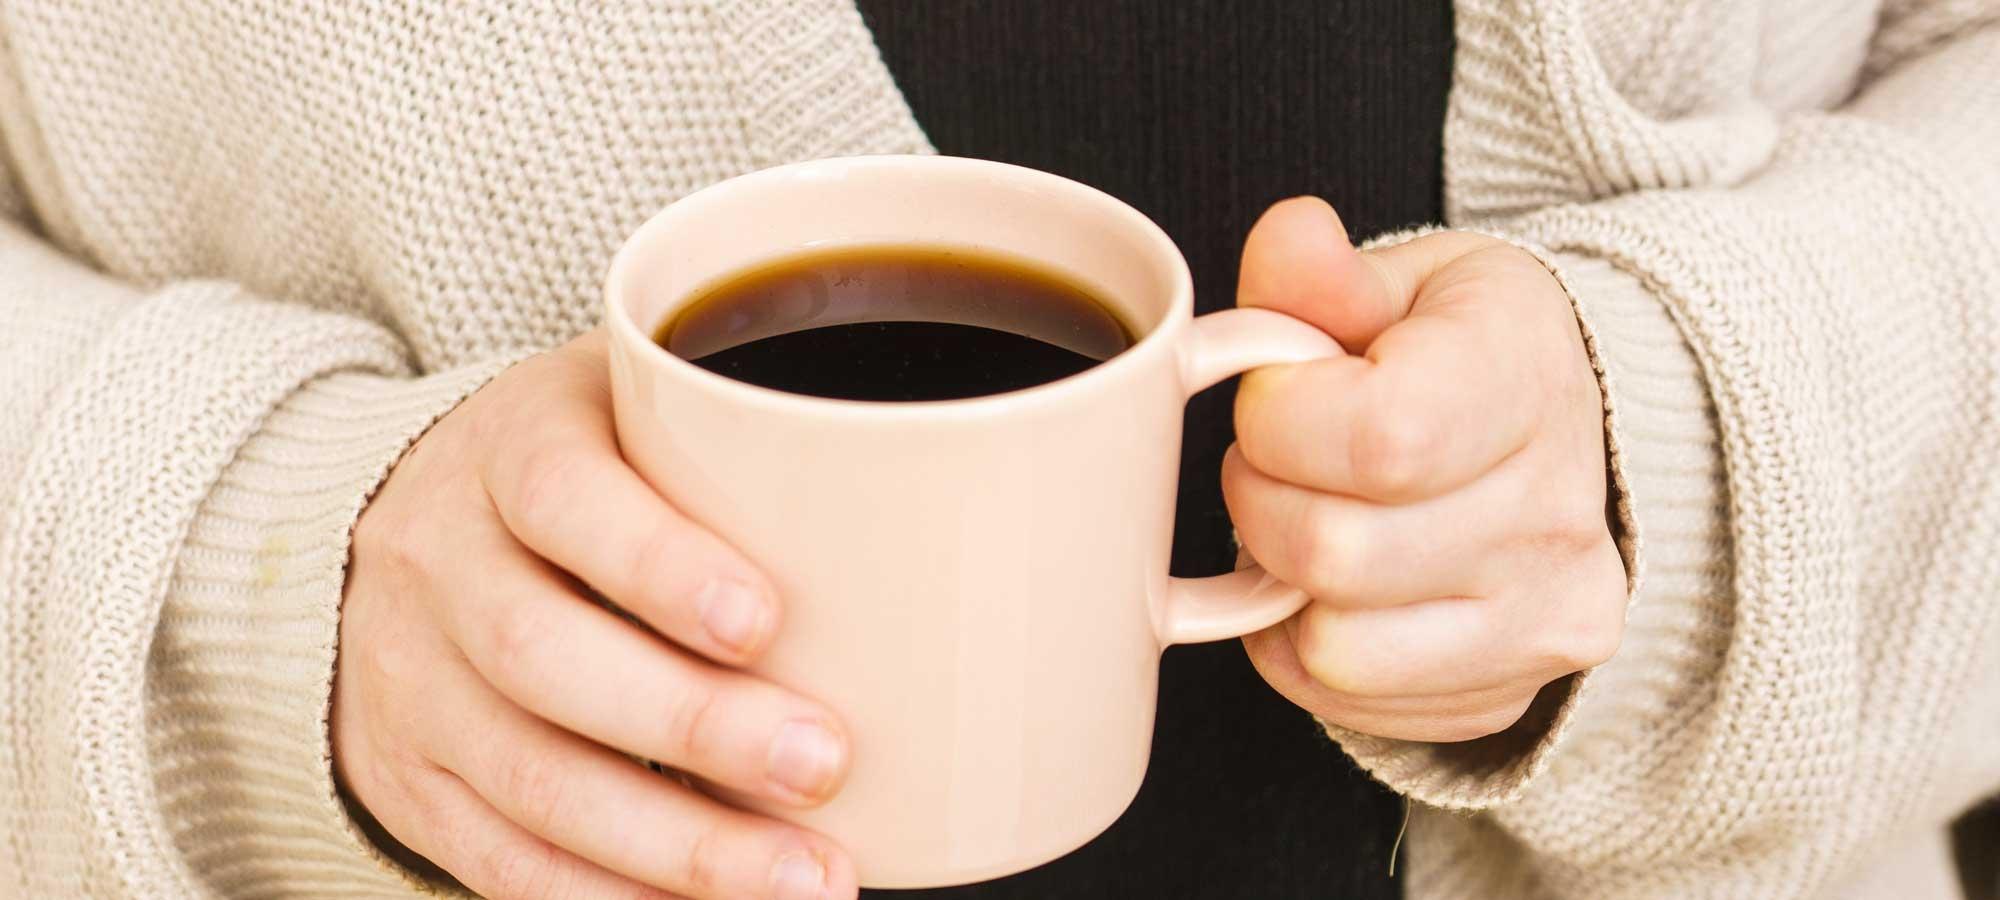 Kahvikupillisissa on eroja. Kokeile, jotain uutta!